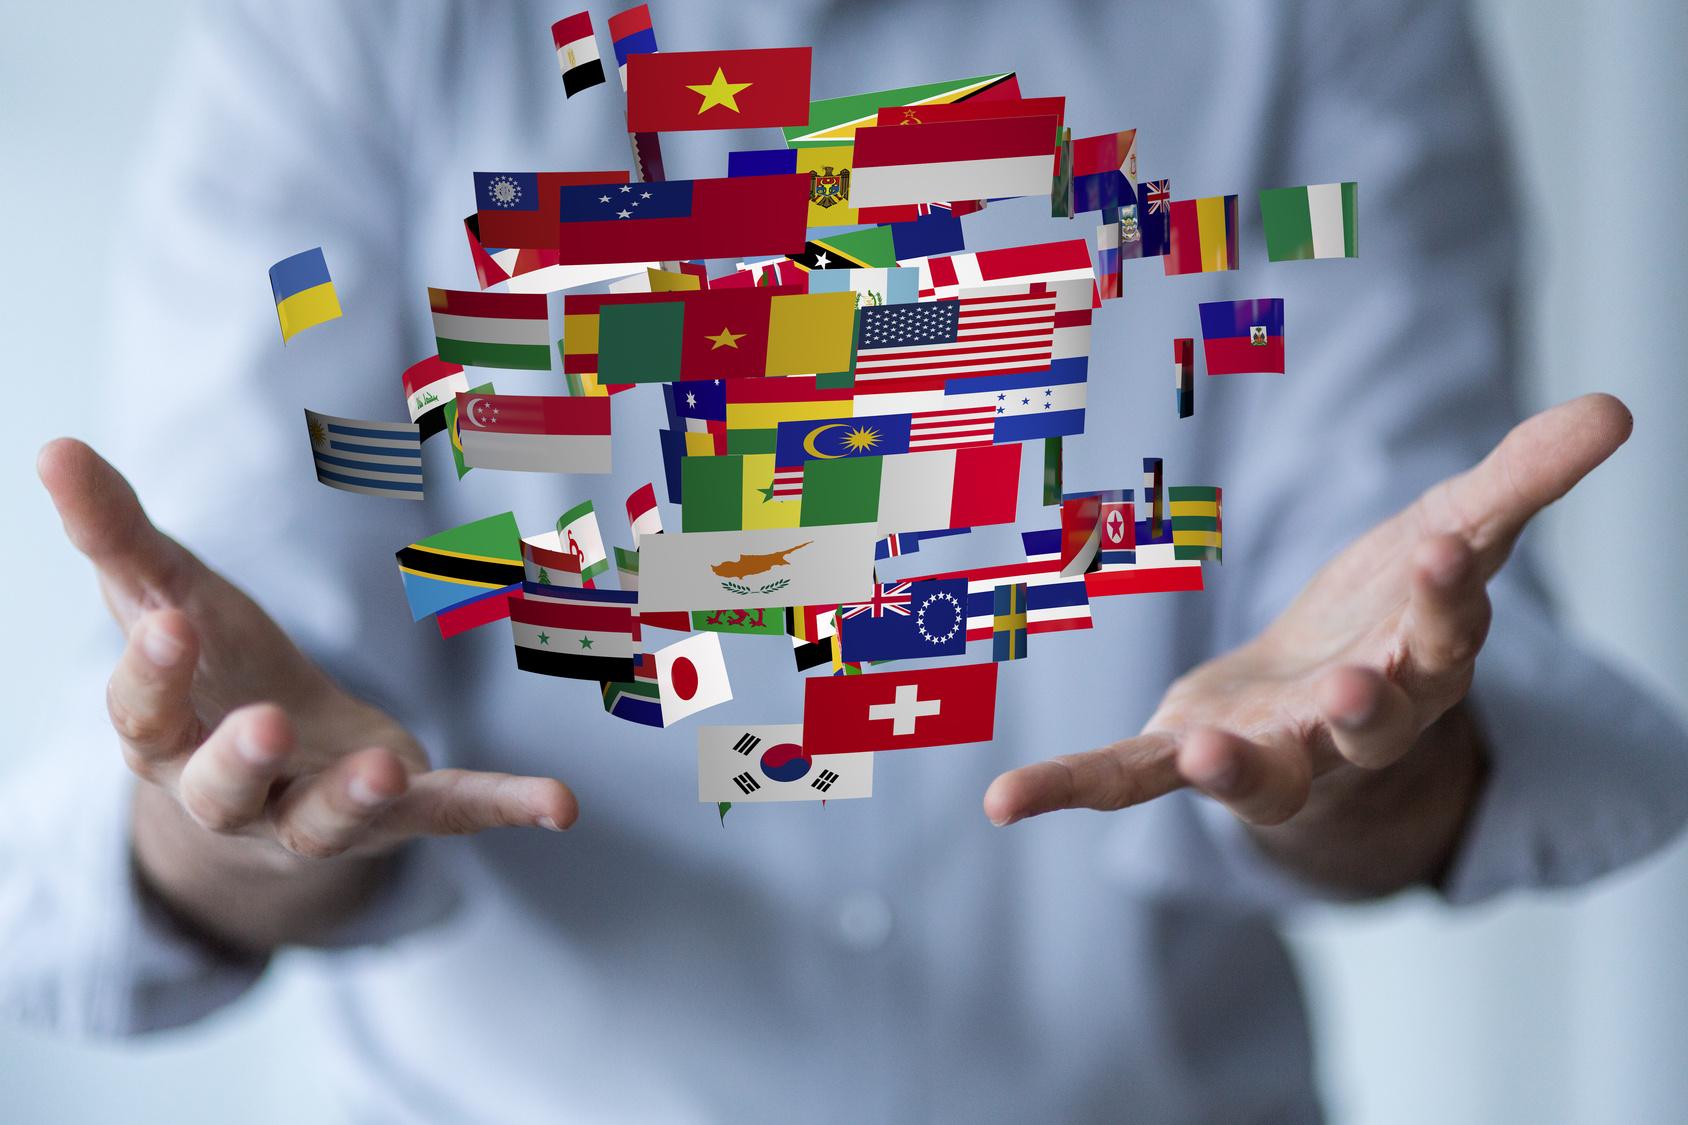 ponad 20 języków obcych